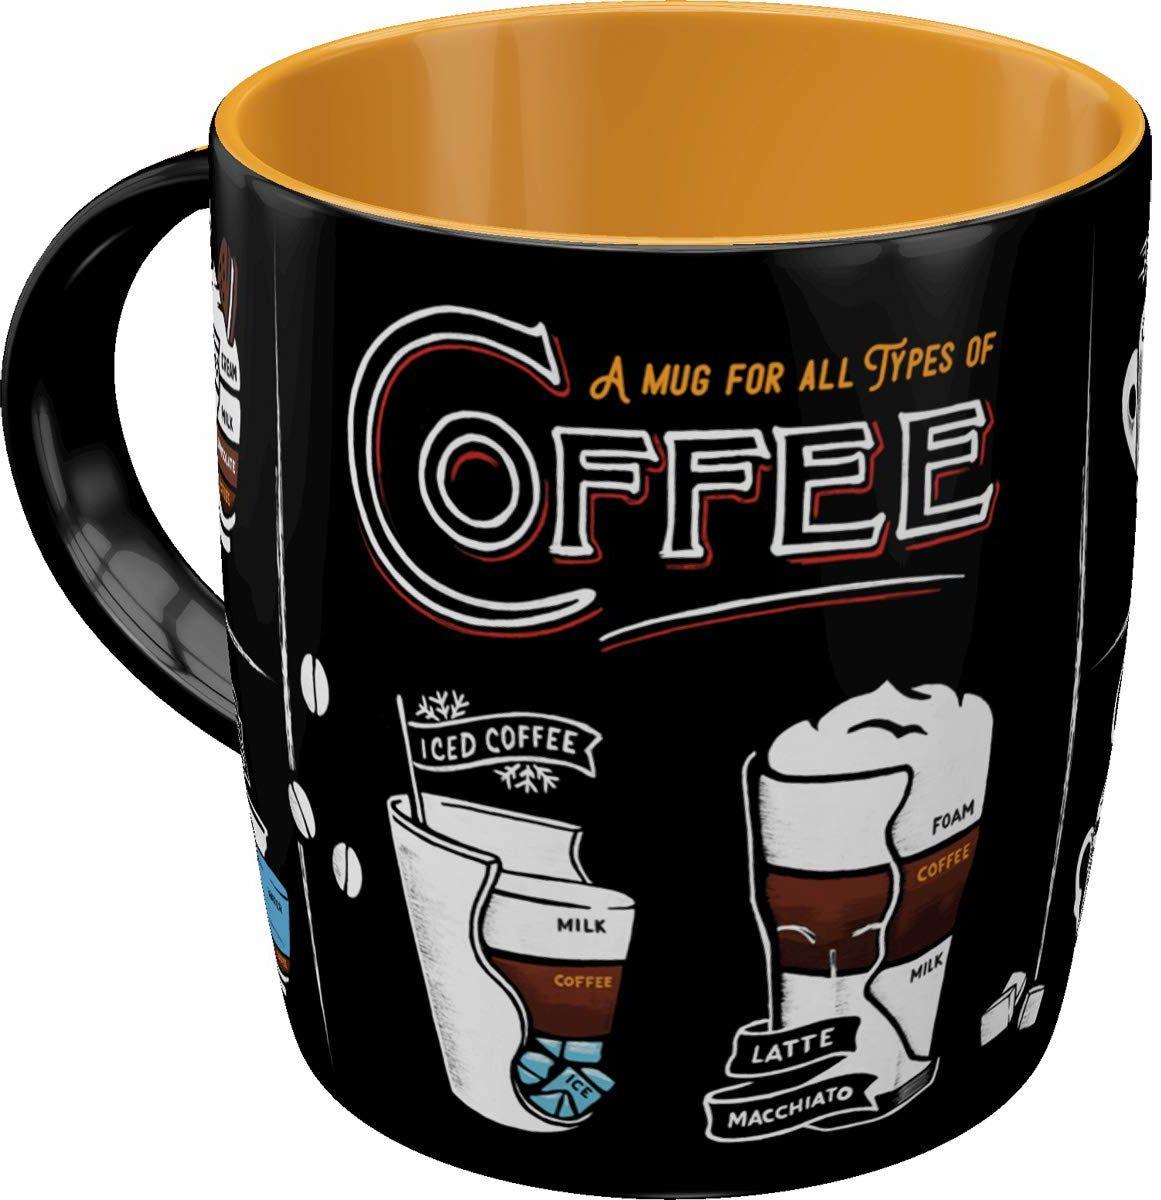 Nostalgic-Art Retro kubek do kawy - Coffee & Chocolate - All Types of Coffee, duża filiżanka w stylu retro, pomysł na prezent dla miłośników kawy, 330 ml